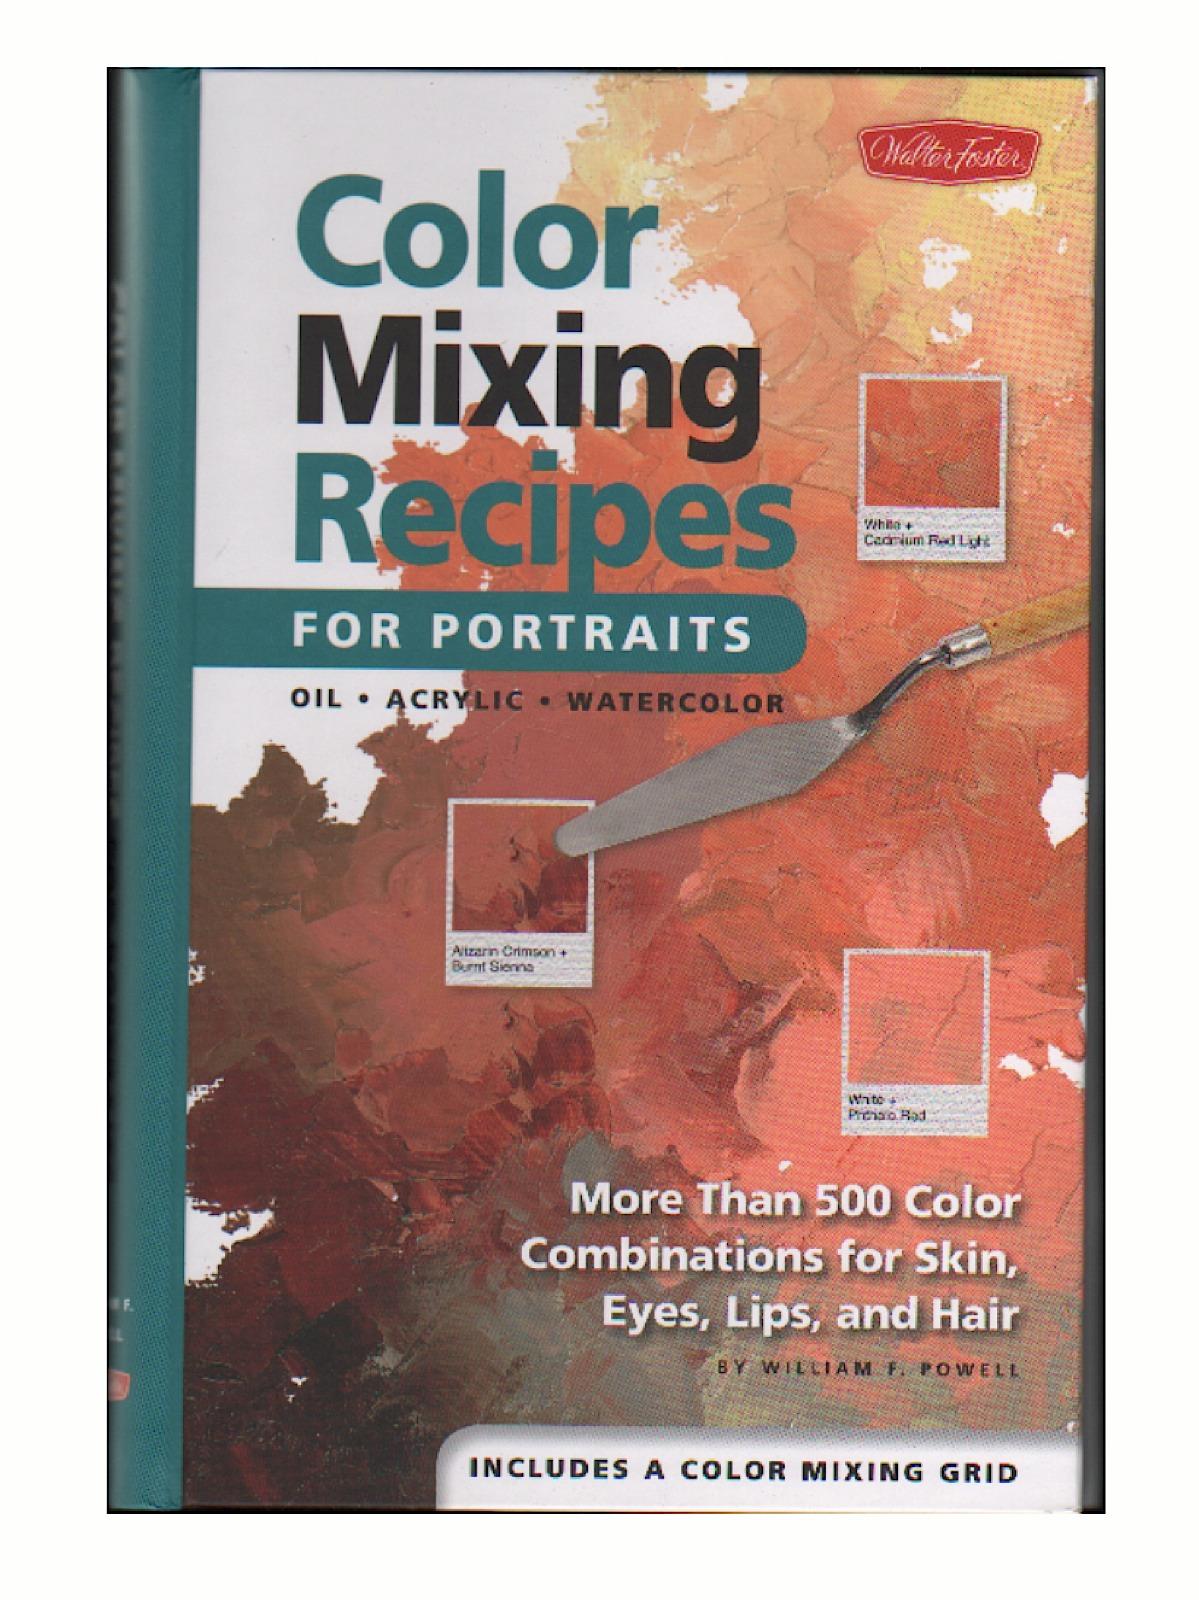 Color Mixing Recipes for Portraits Book